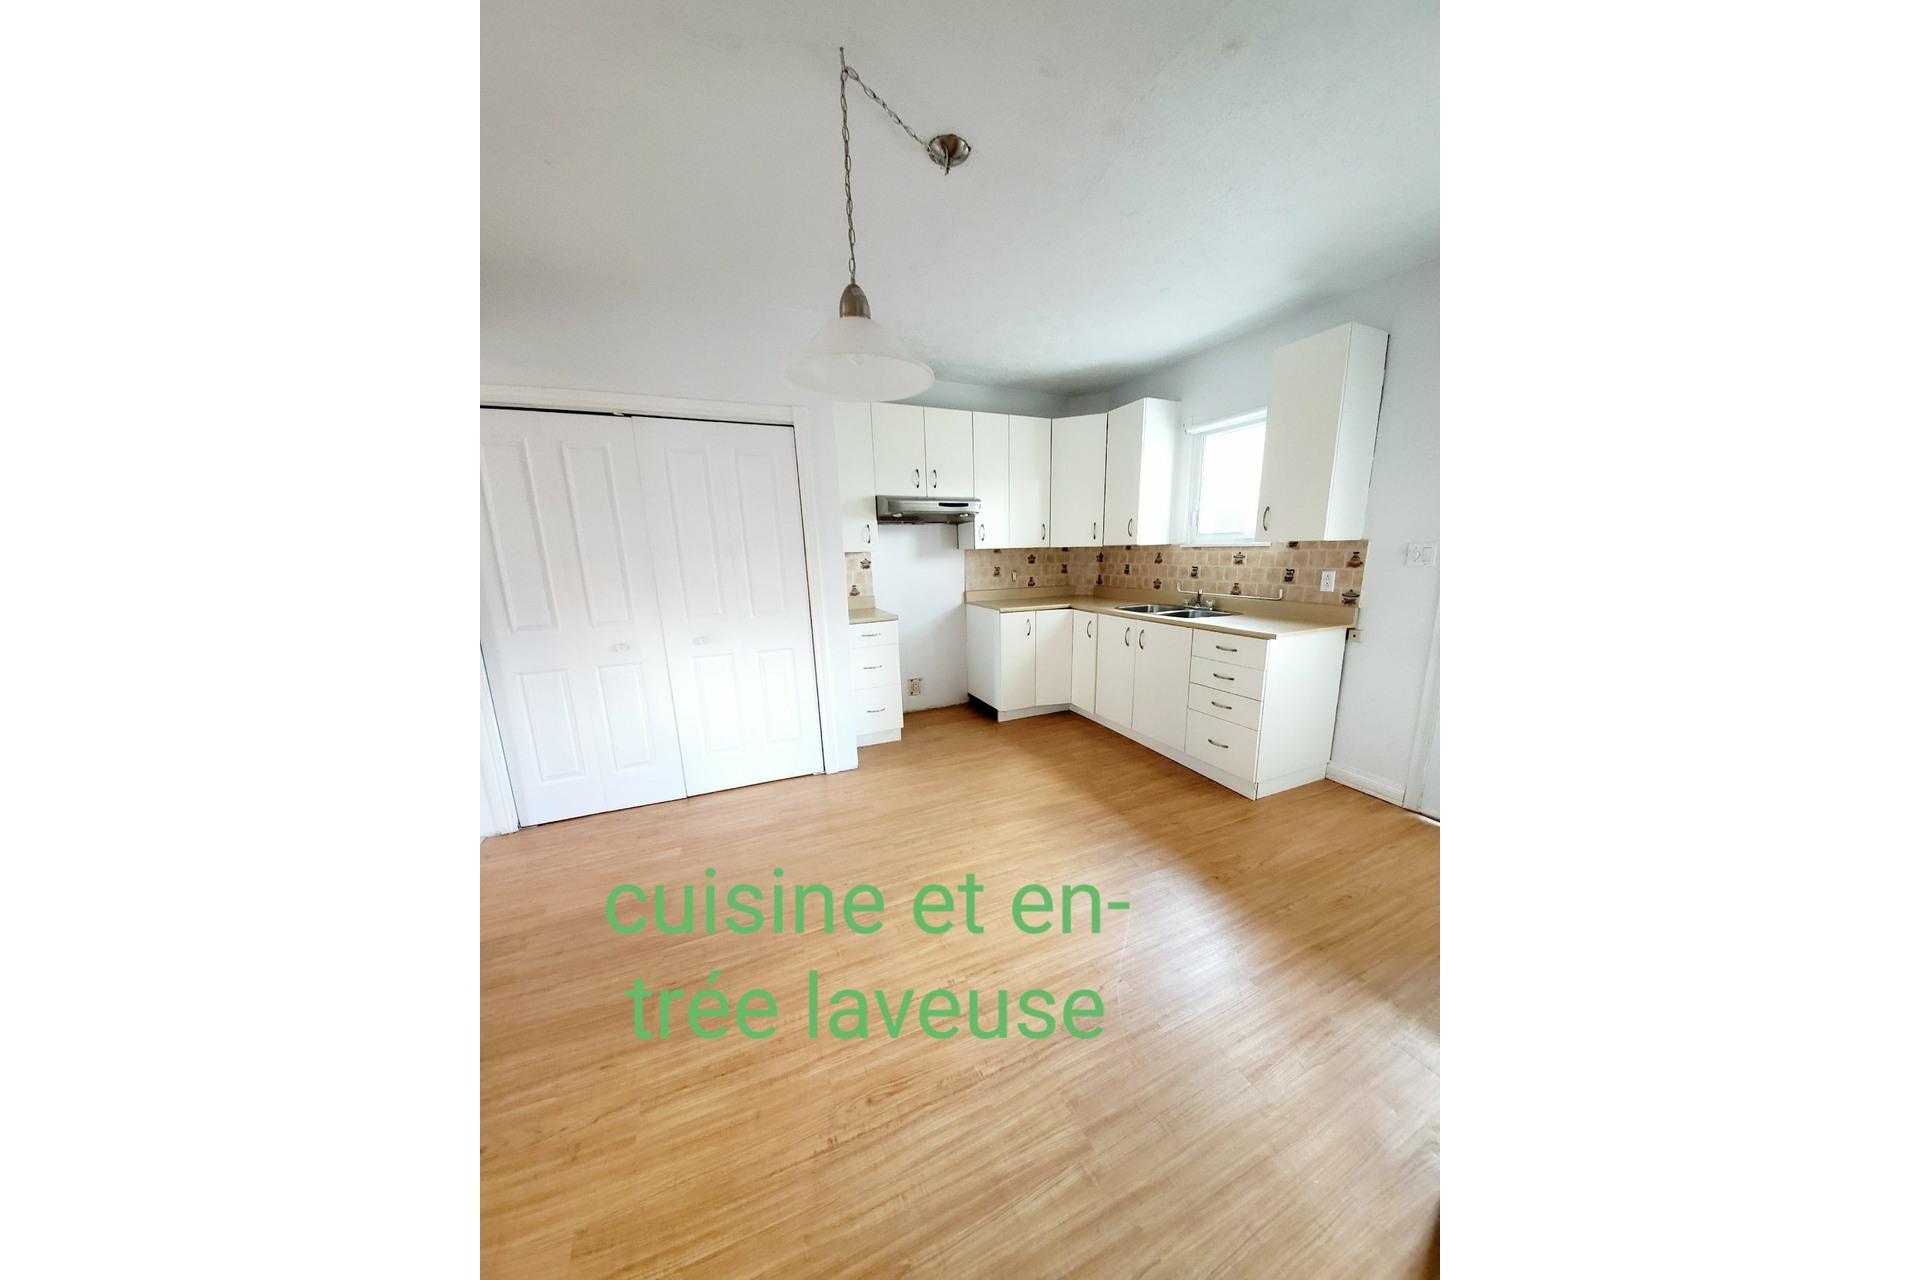 image 4 - Duplex À vendre Saint-Jean-sur-Richelieu - 4 pièces